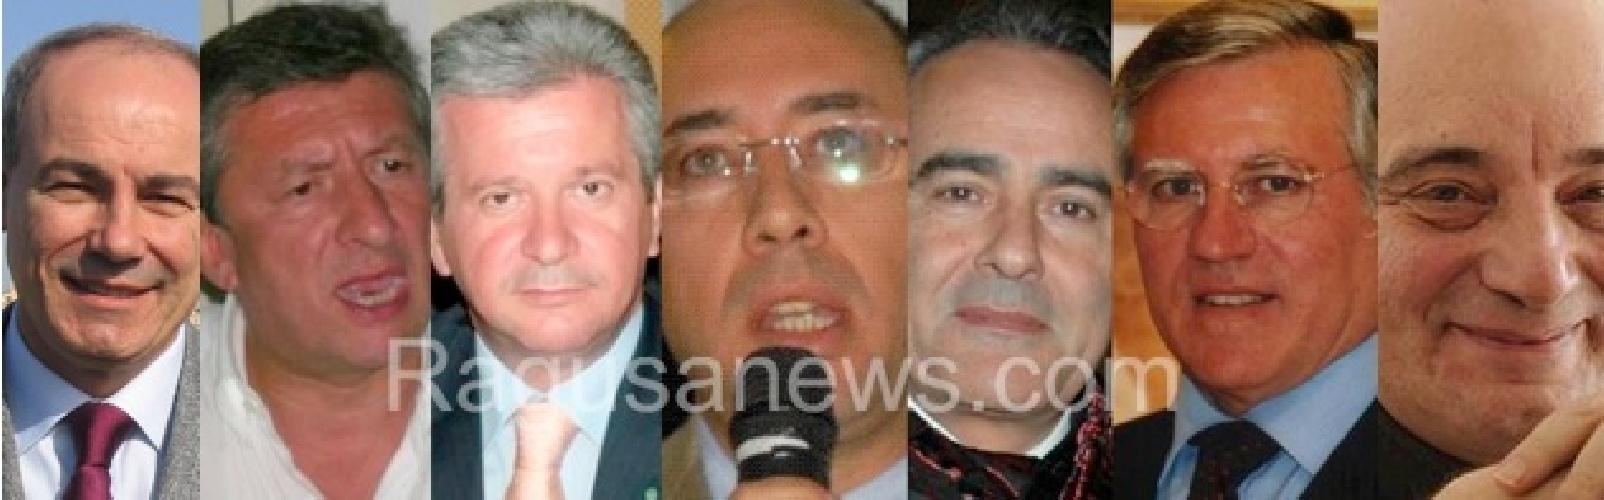 83 deputati siciliani indagati per spese pazze sette for Deputati siciliani